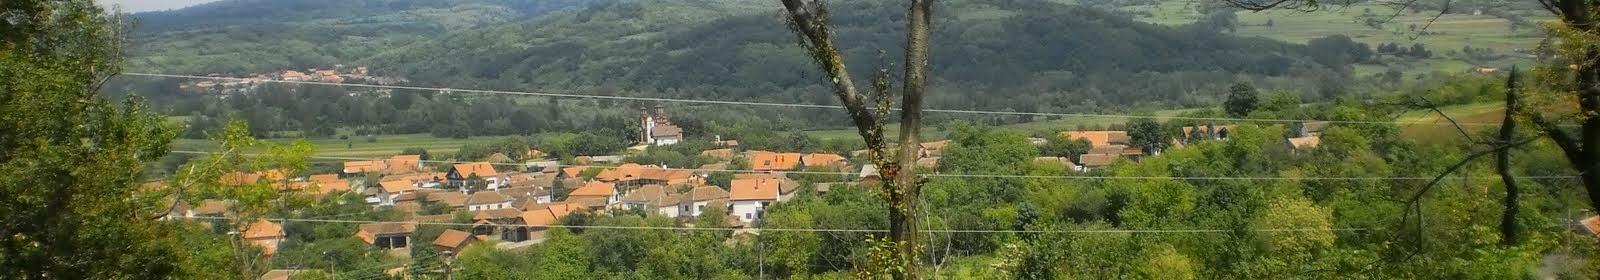 Панорама Мишљеновца, 2010.